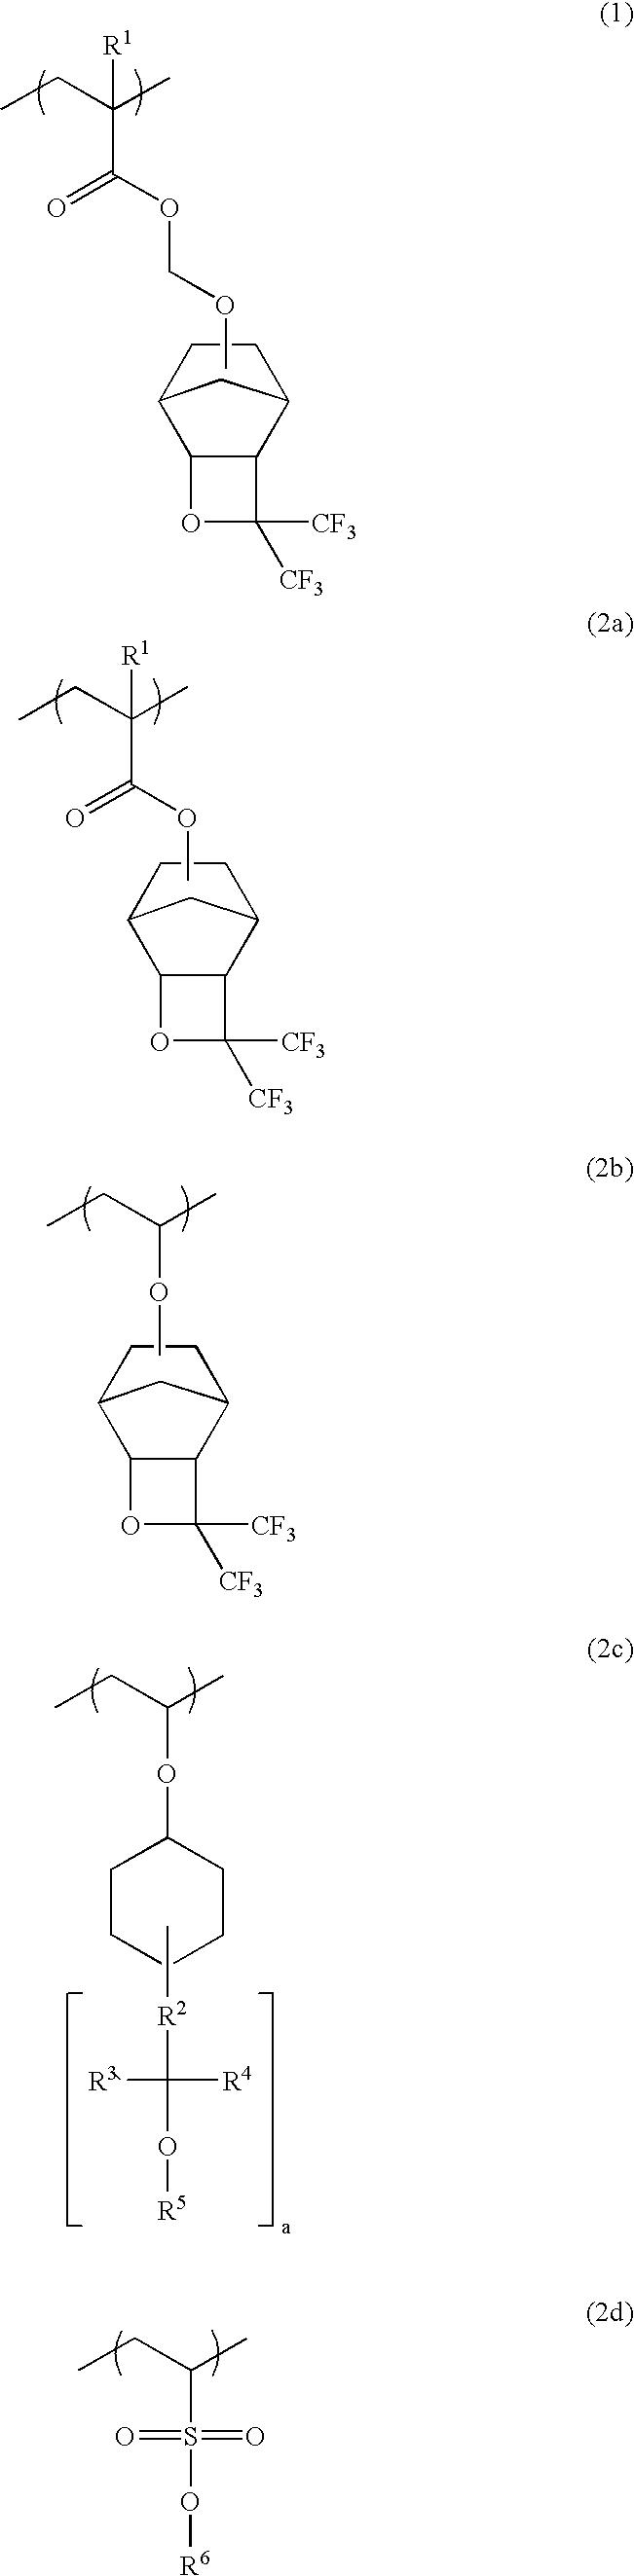 Figure US20050106499A1-20050519-C00004